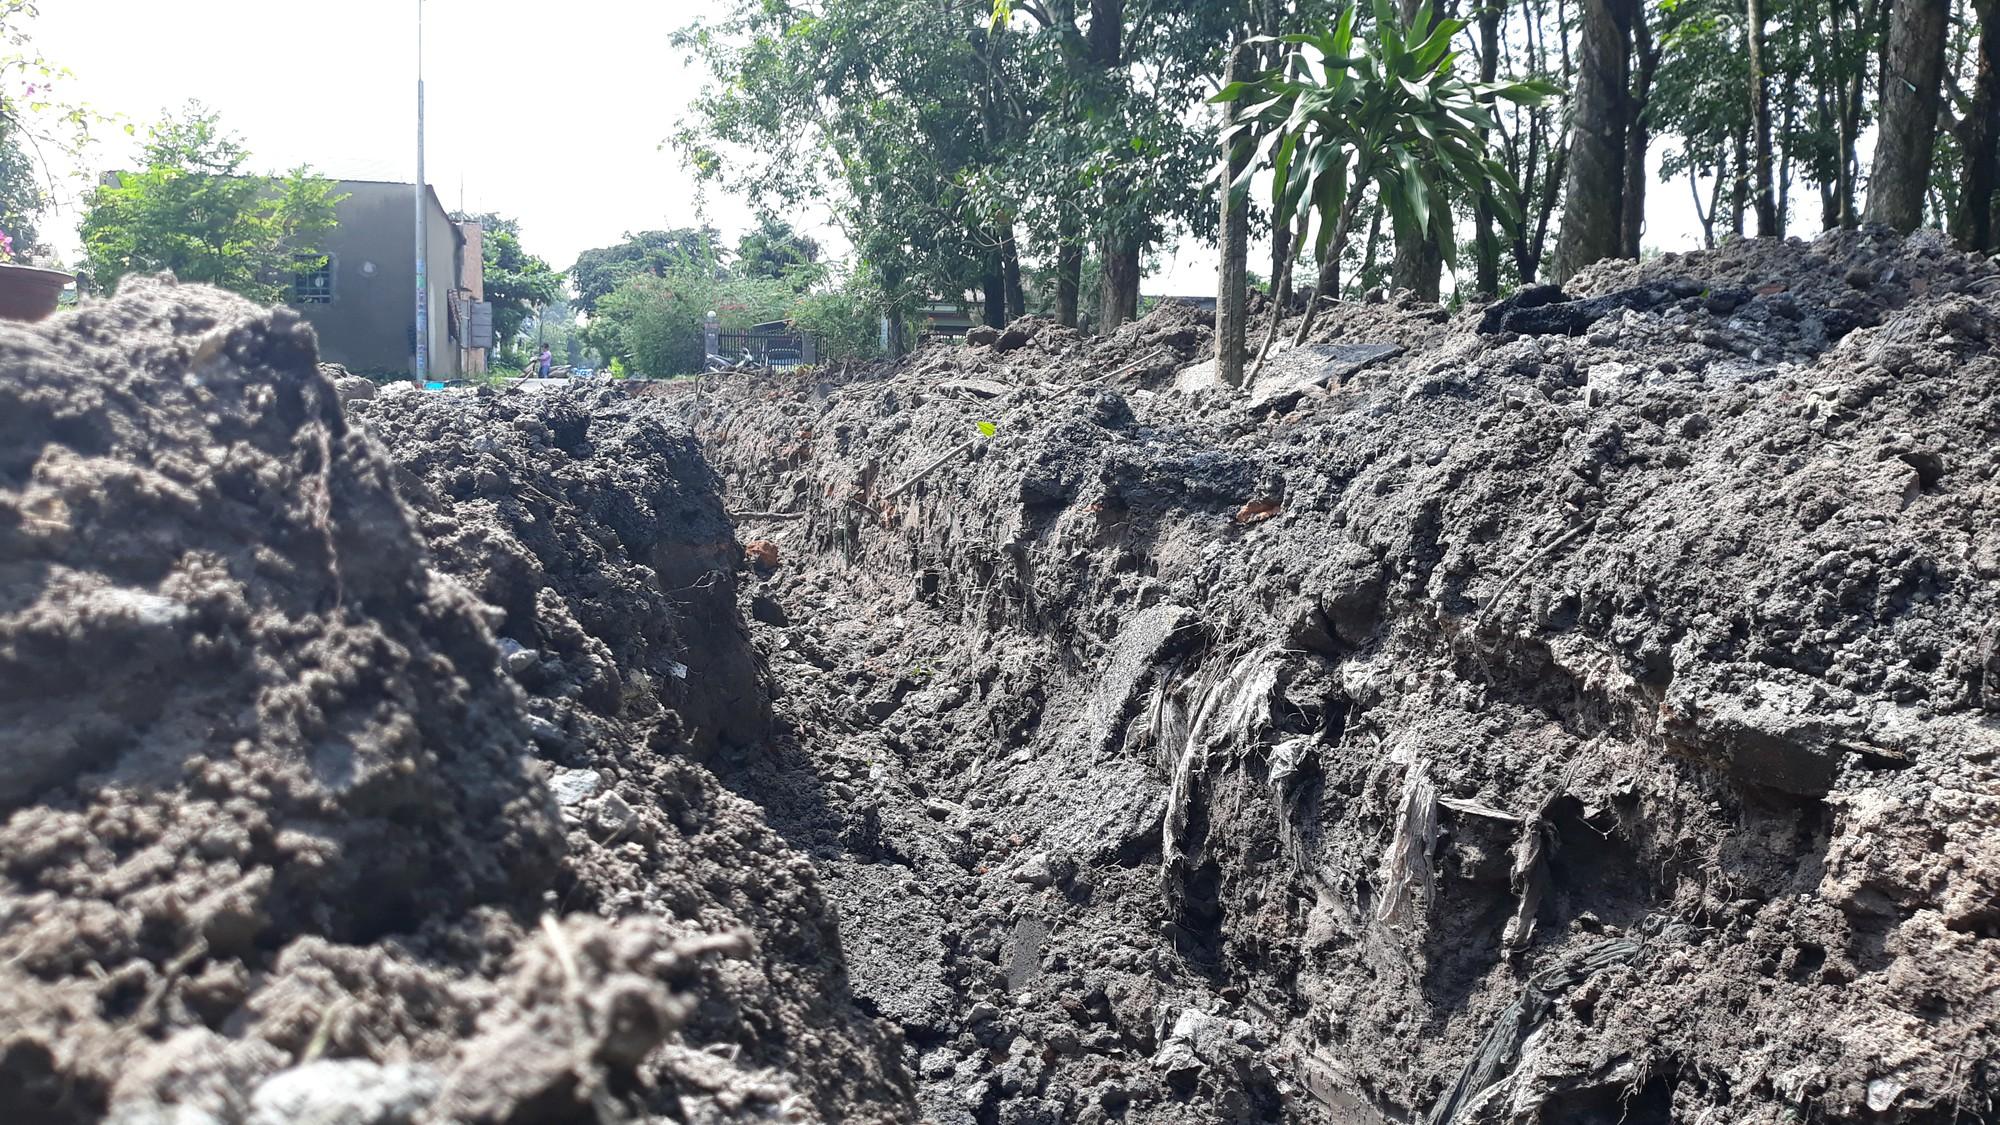 Vụ bỏ 200 triệu làm đường dân sinh: Đường nhựa đã bị phá nham nhở  - Ảnh 9.